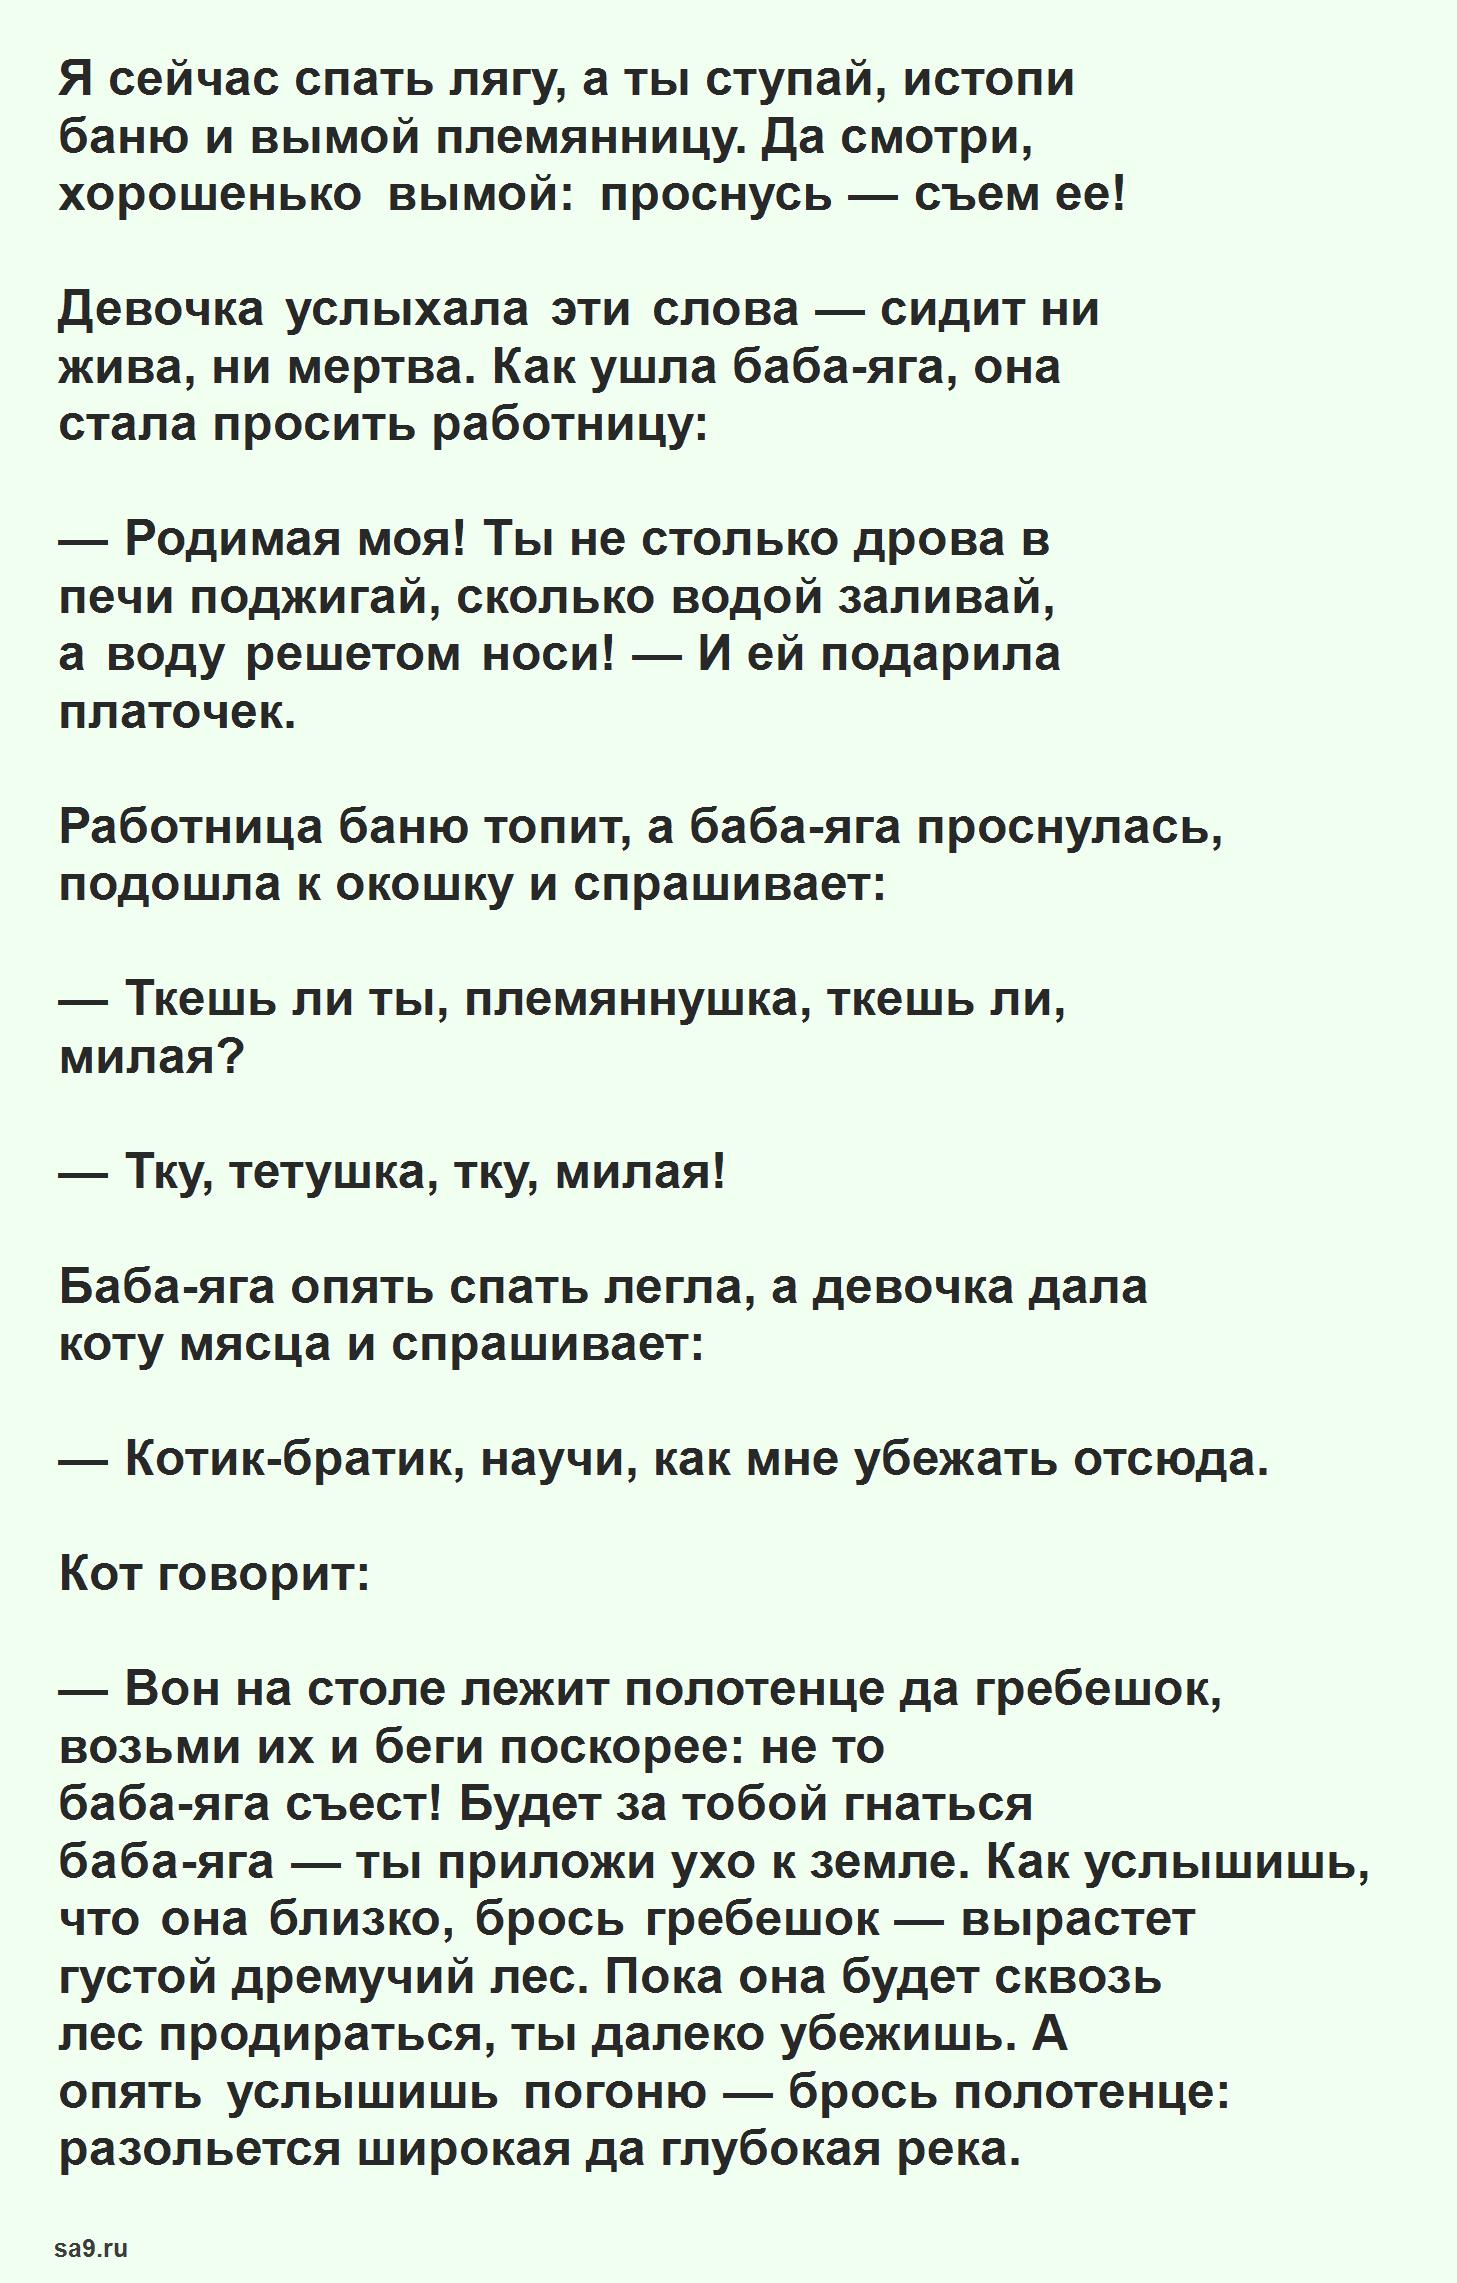 Русская народная сказка - Баба-яга, читать онлайн бесплатно